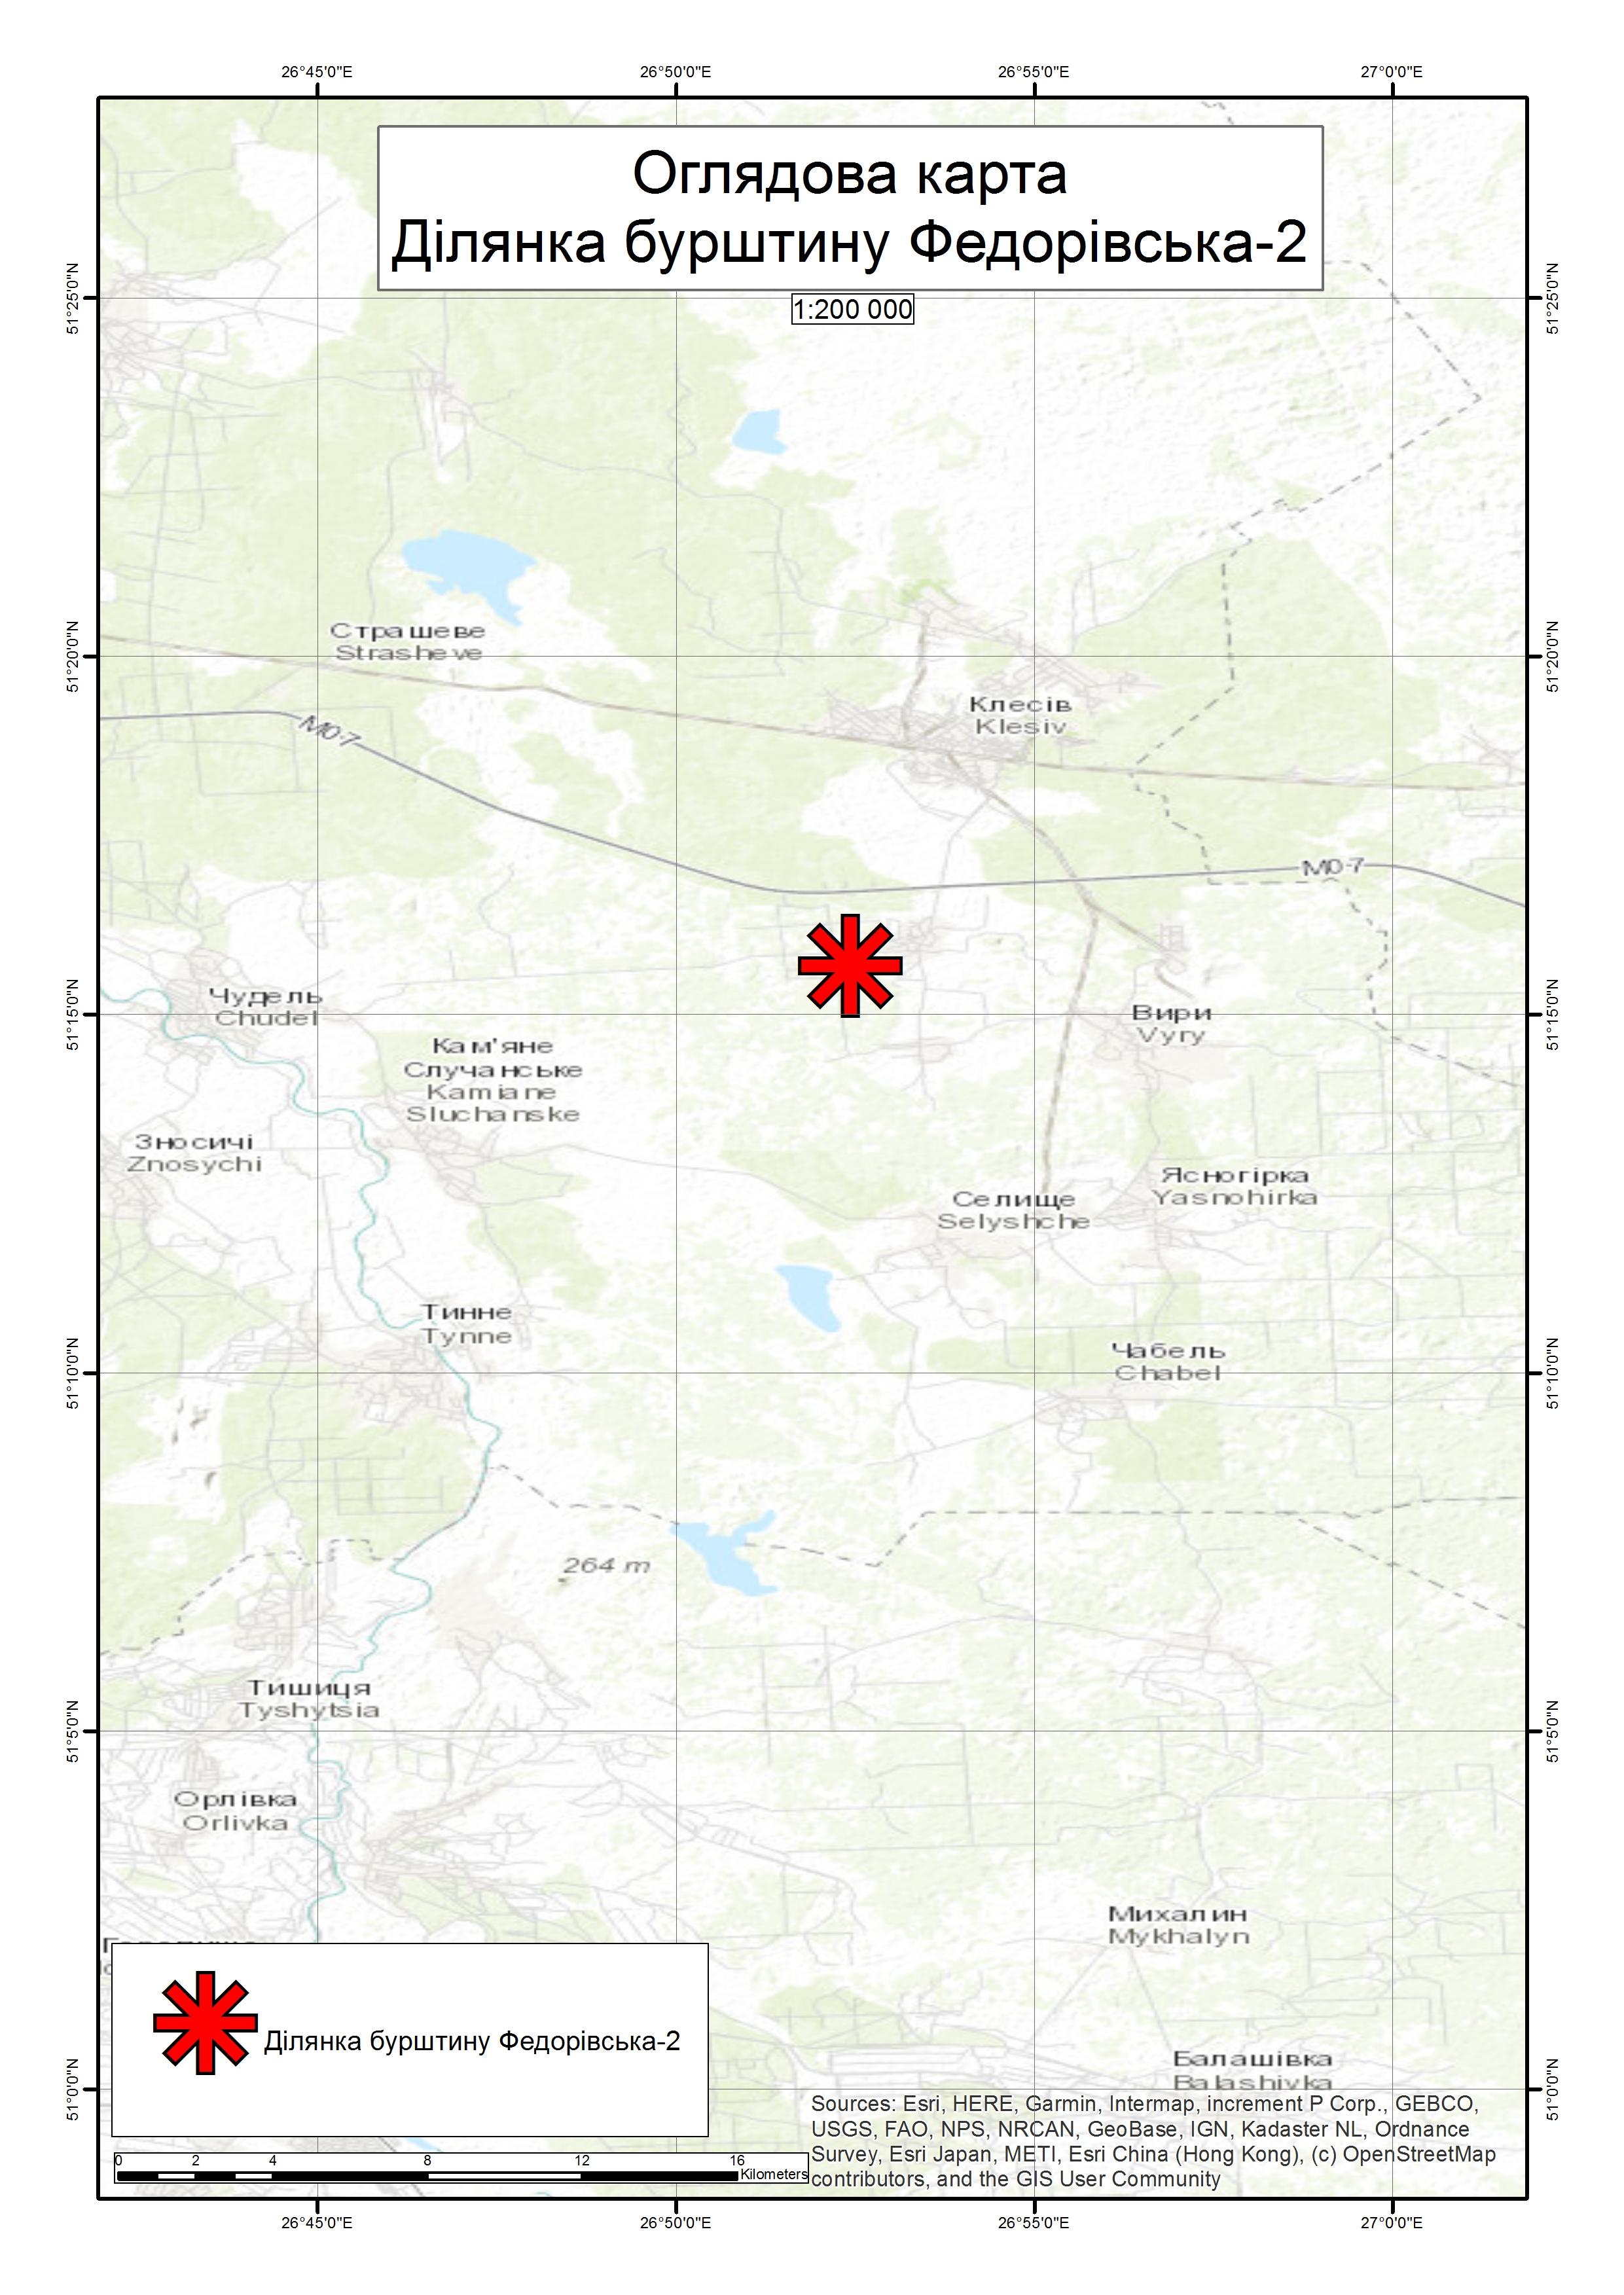 Спеціальний дозвіл на користування надрами – Ділянка Федорівська-2. Вартість геологічної інформації – 101 295,22 грн (з ПДВ). Вартість пакету аукціонної документації – 5 219,14 грн (з ПДВ).